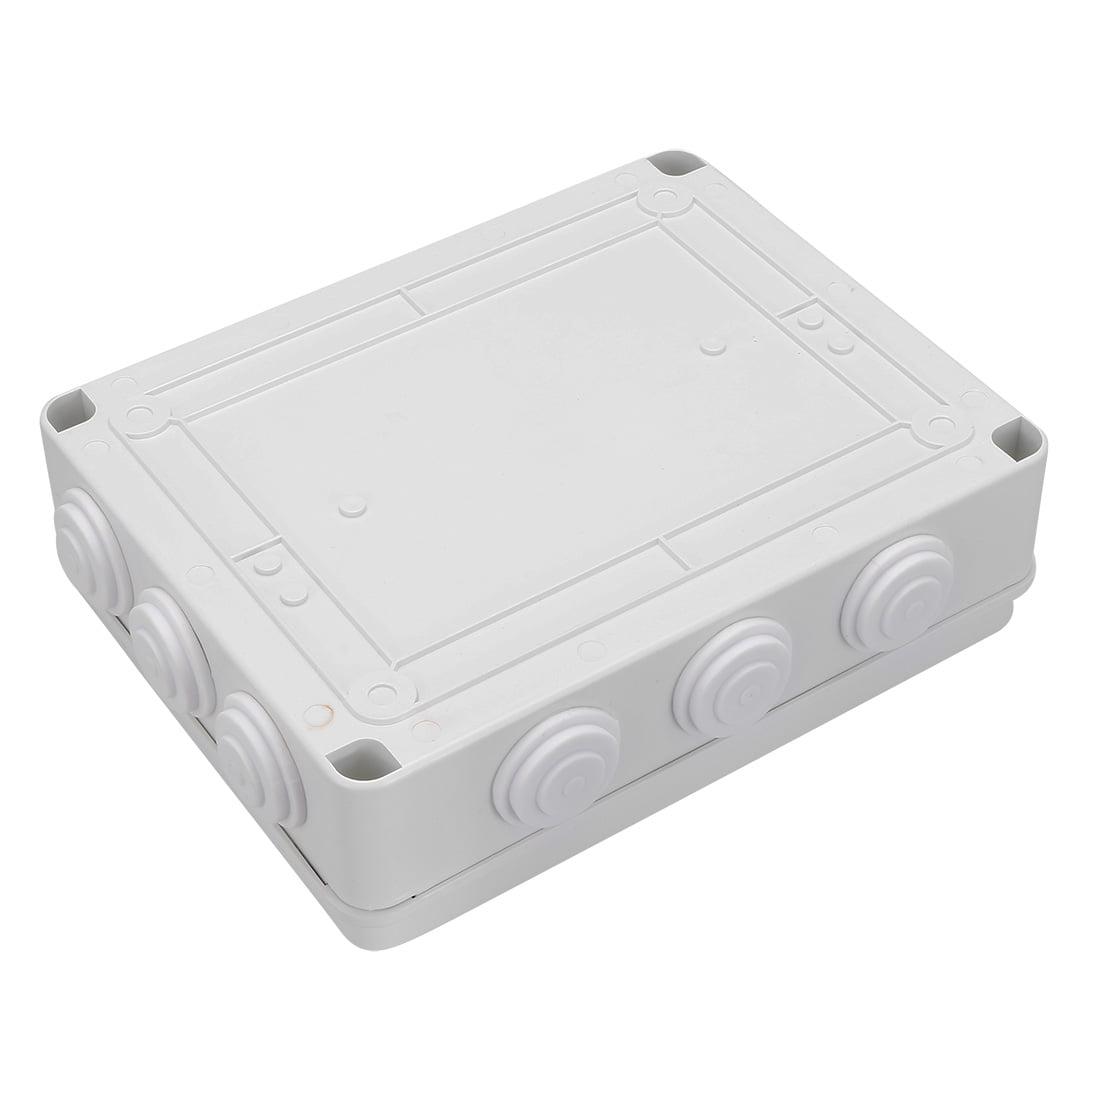 """Unique Bargains 10.04"""" x 7.87"""" x 2.99"""" ABS Junction Box Universal Project Enclosure White - image 2 de 5"""